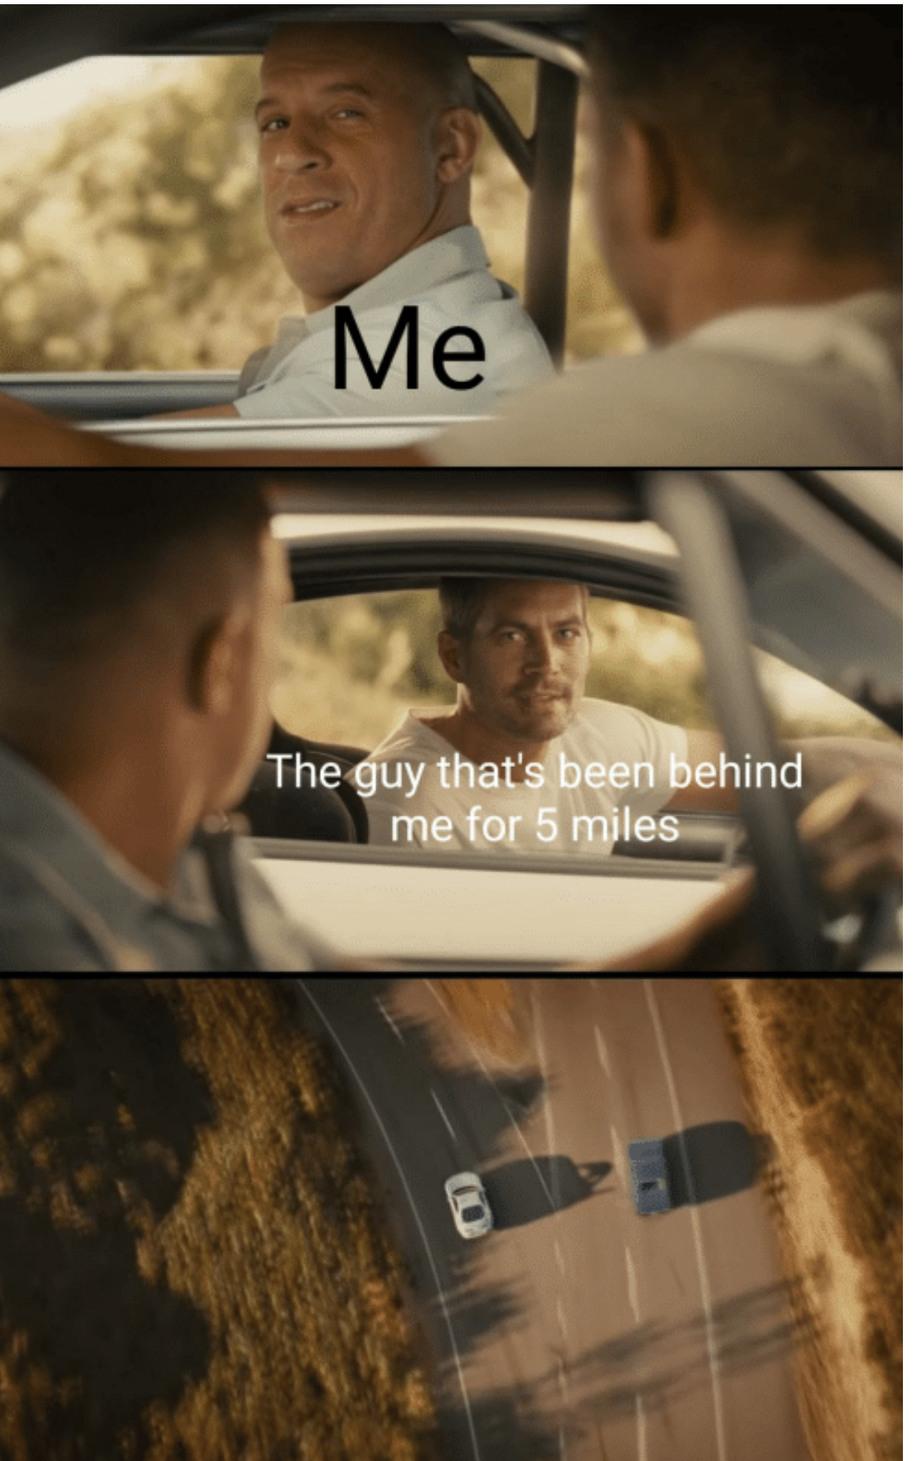 So long, old friend - meme